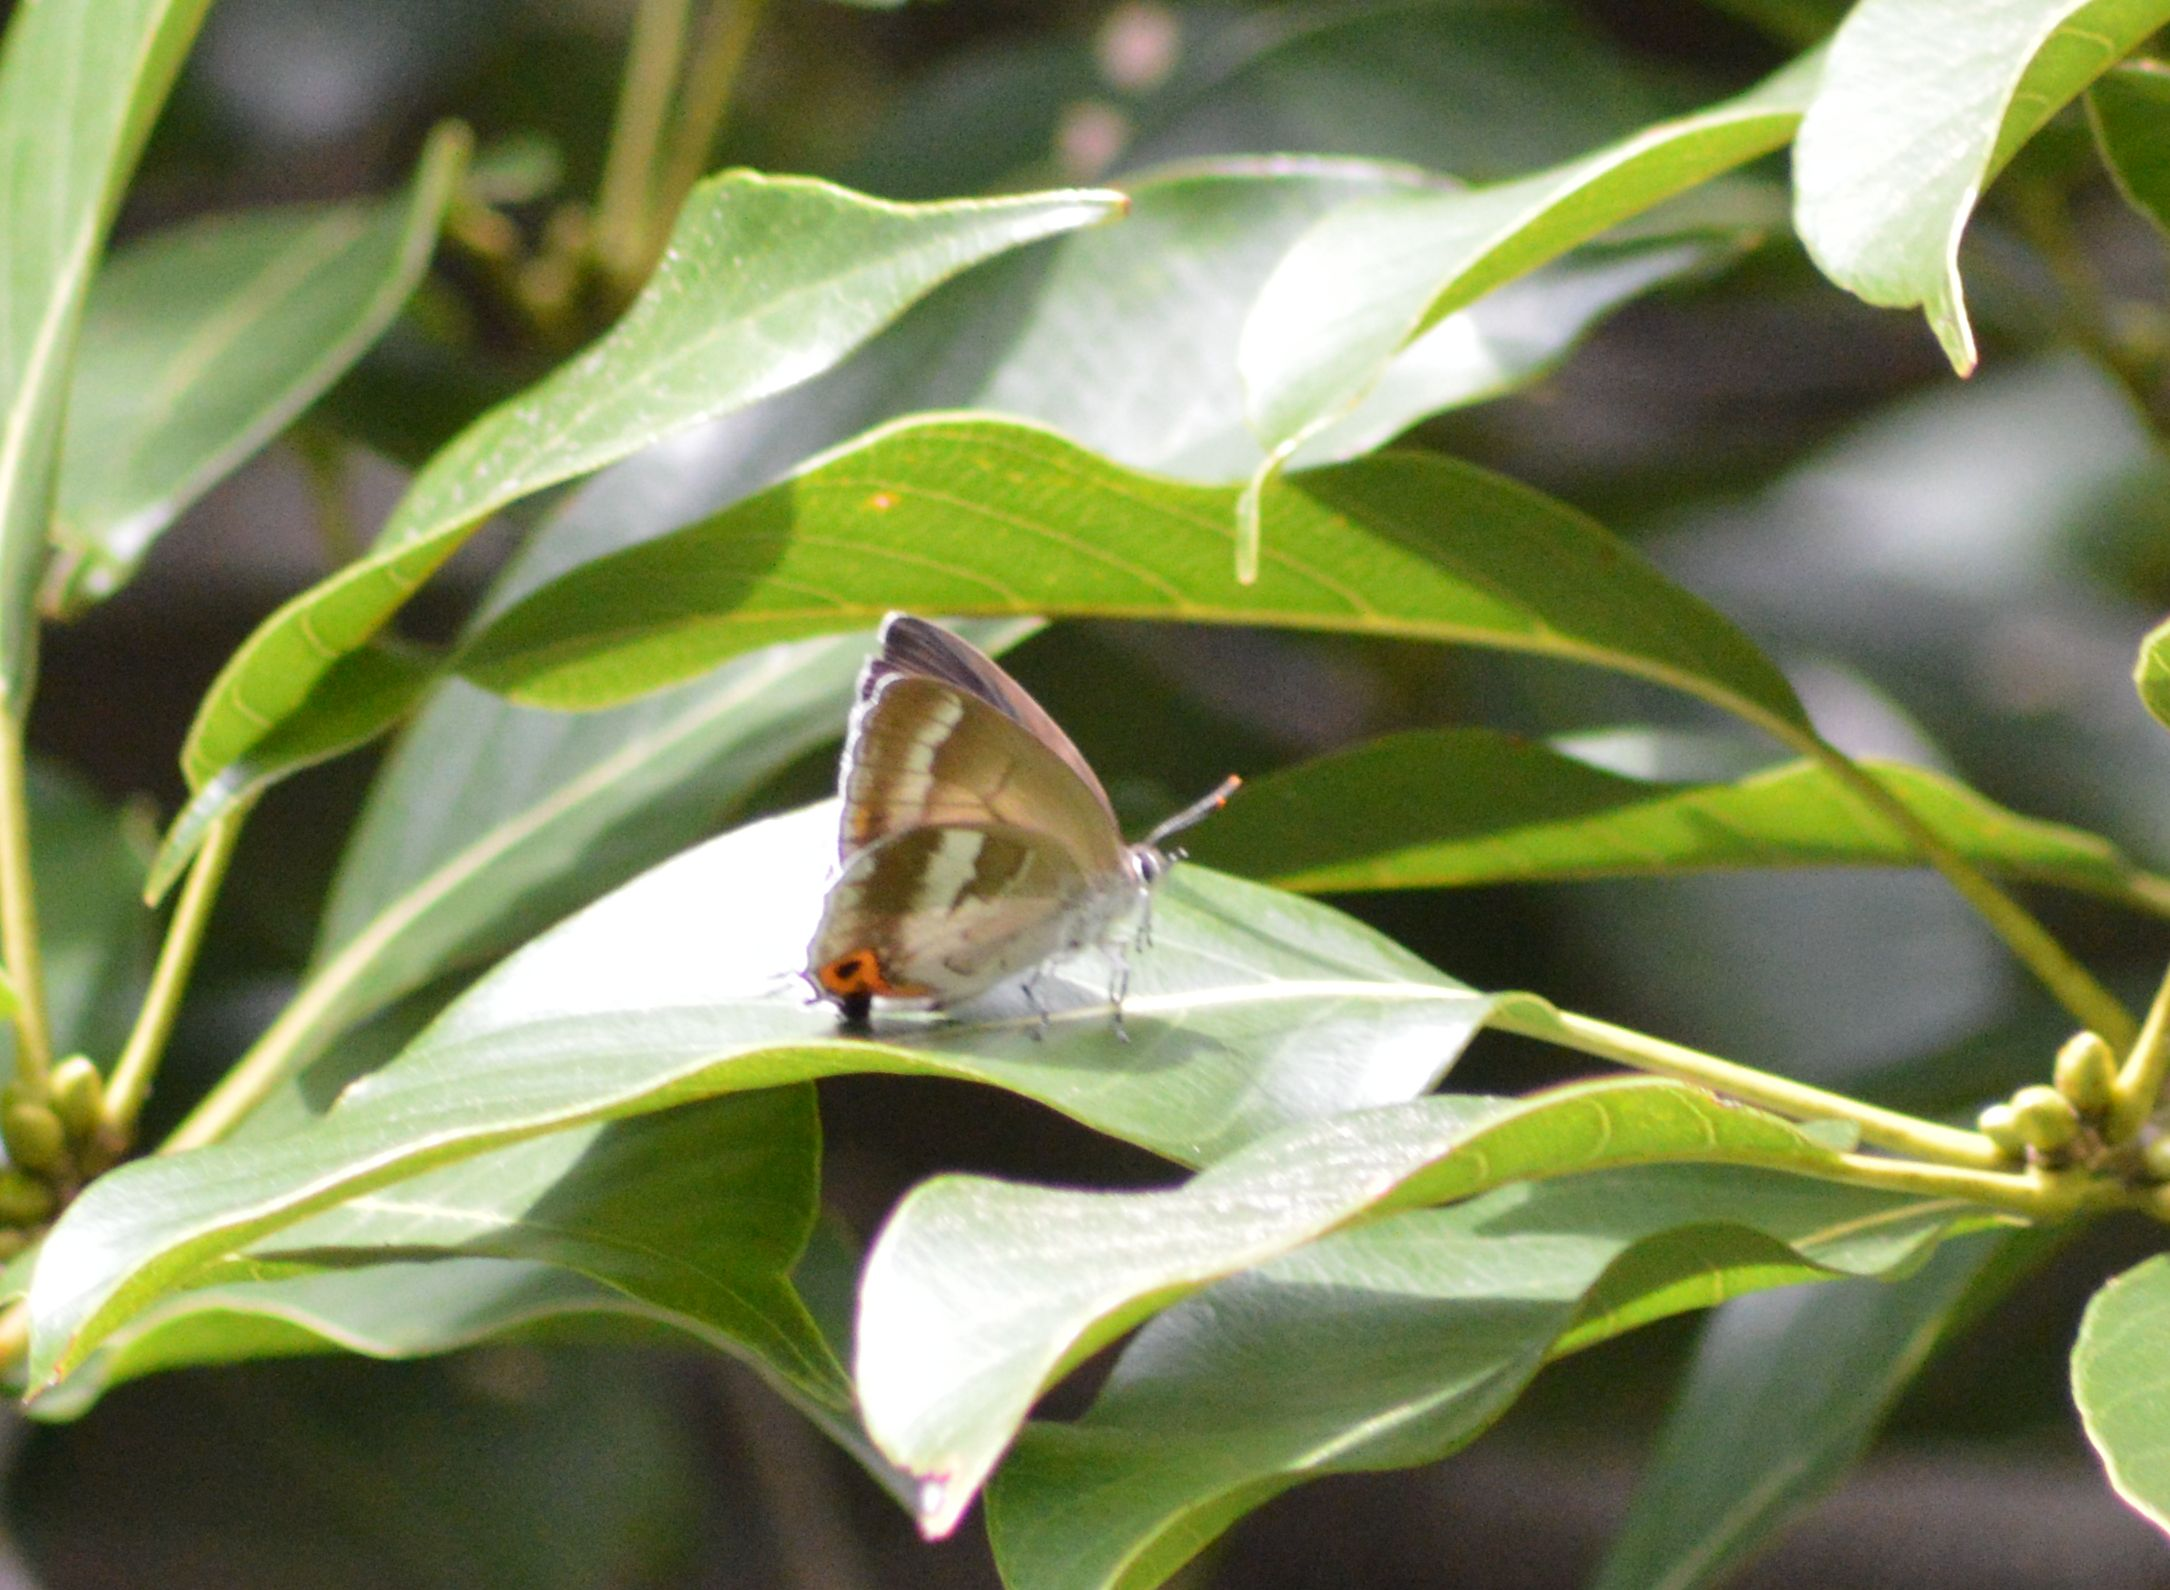 キリシマミドリシジミ他 鈴鹿山脈で出会えた蝶達!_d0254540_16554765.jpg